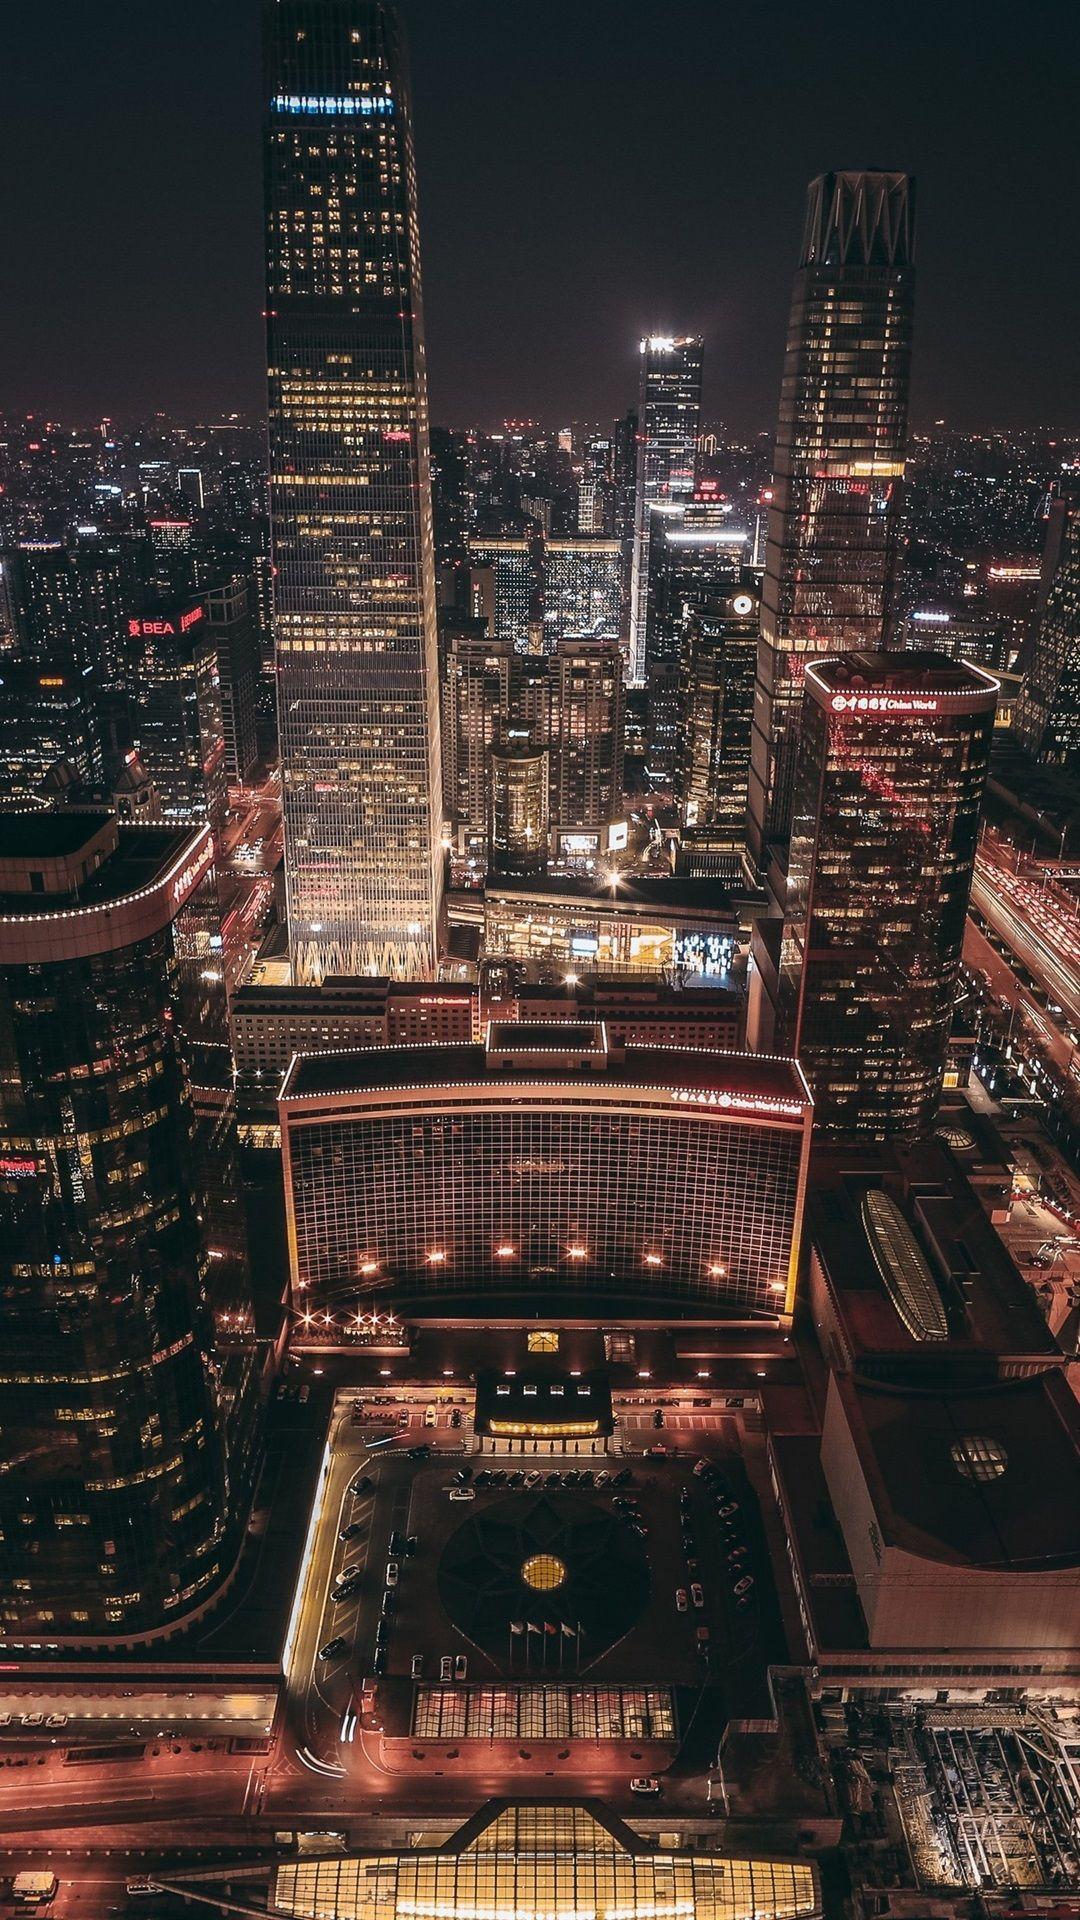 Beijing Iphone Wallpapers Top Free Beijing Iphone